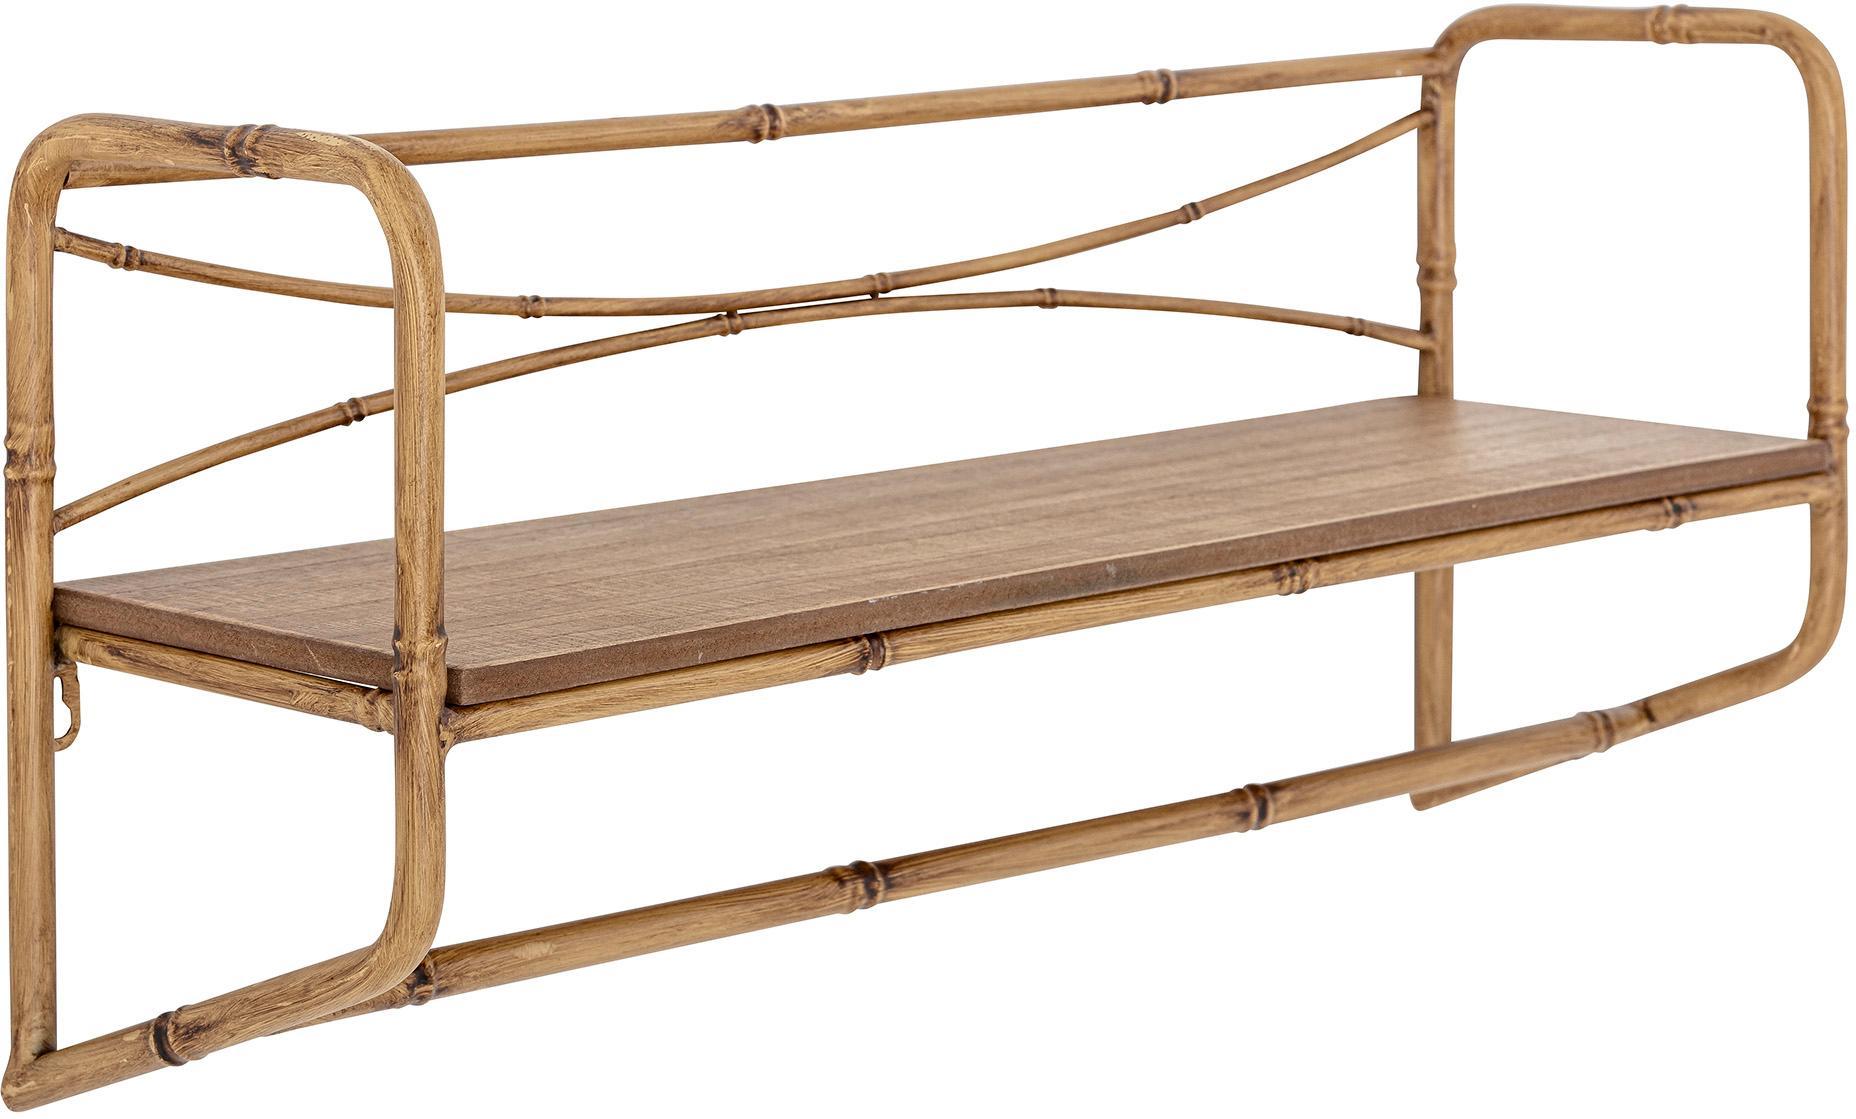 Estante de pared de bambú Rod, Estructura: cañamo, Estante: tablero de fibras de dens, Marrón, An 63 x Al 28 cm